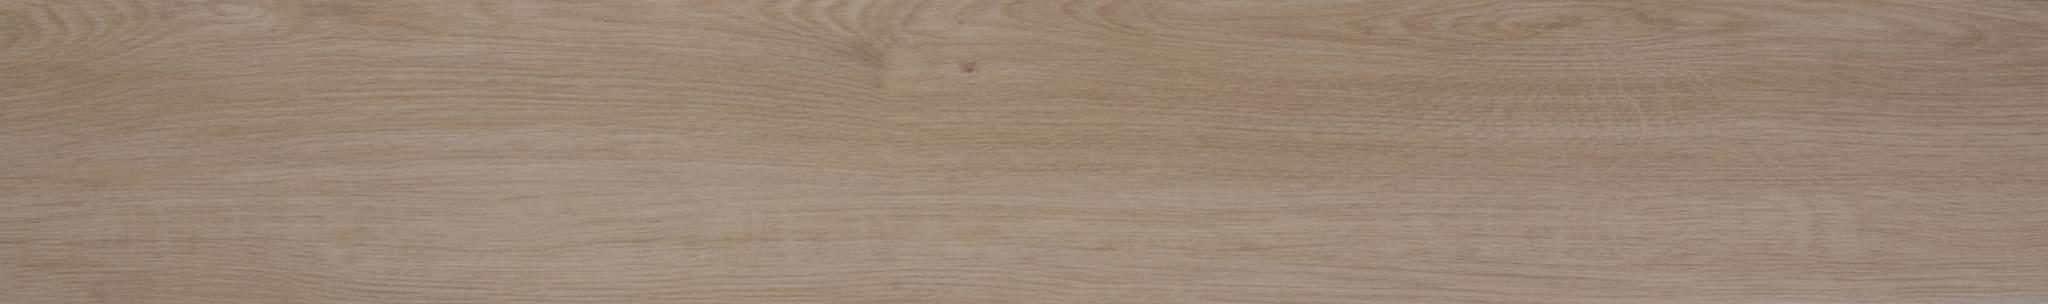 SPC ламинат Evofloor Optima Click - Дуб Гавана